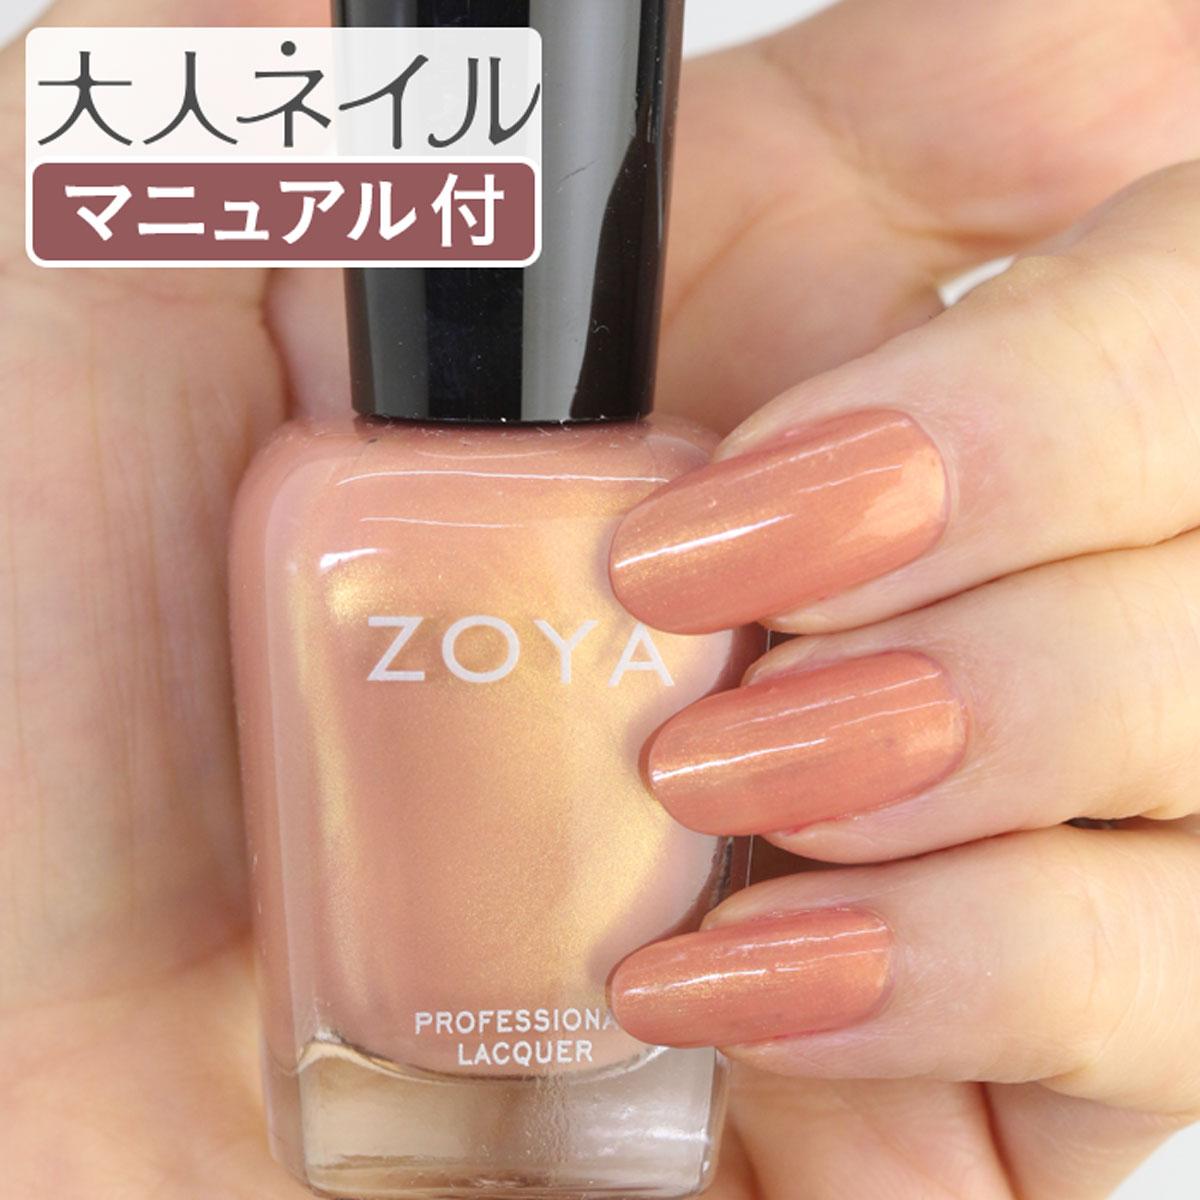 ZOYA ゾーヤ ゾヤ ネイルカラー ZP268 15mL MEADOW メドウ 自爪 の為に作られた ネイル にやさしい 自然派 マニキュア zoya セルフネイル にもおすすめ パール オレンジ 人気色 トップ10